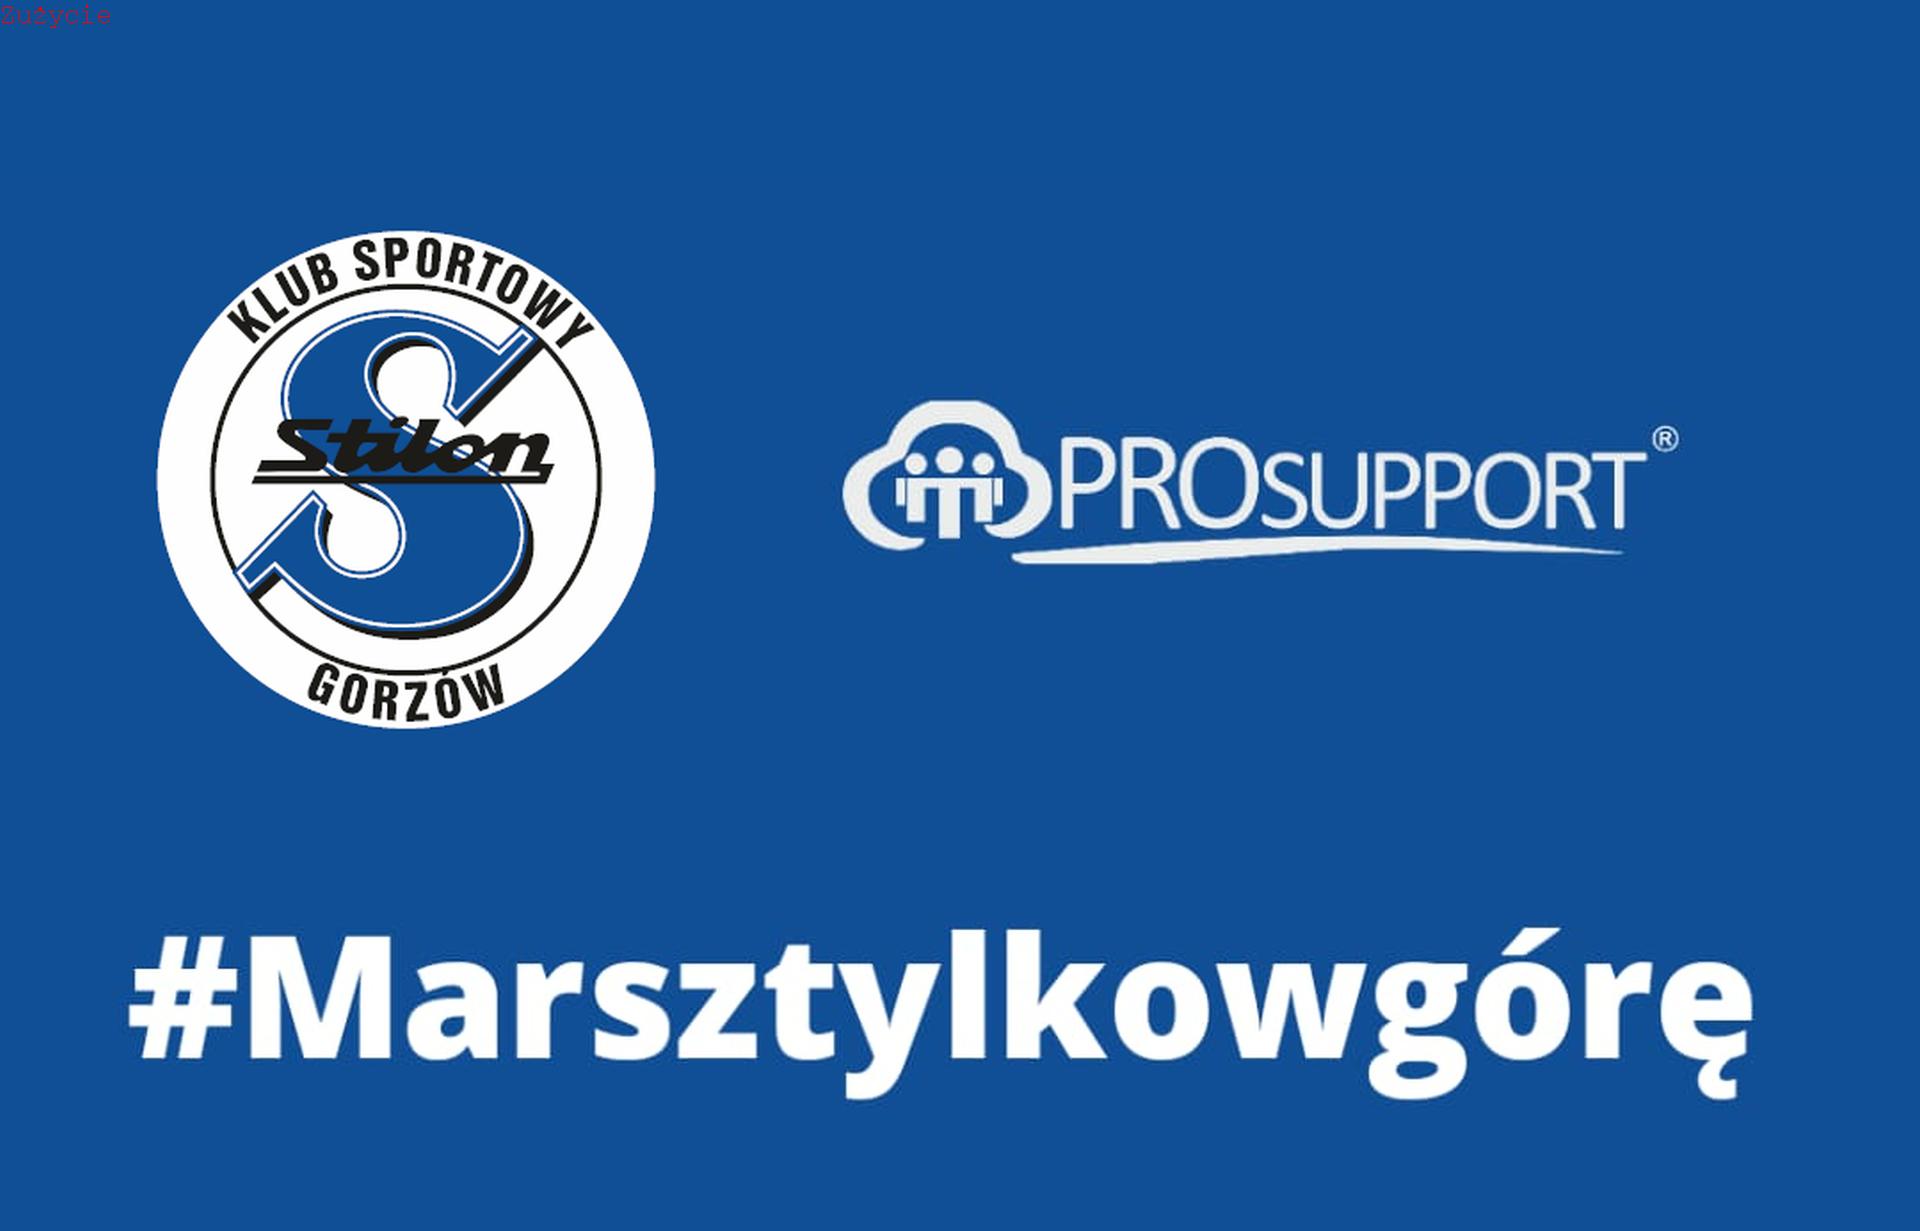 https://stilon.gorzow.pl/wp-content/uploads/2020/06/marsz1920x1230.png